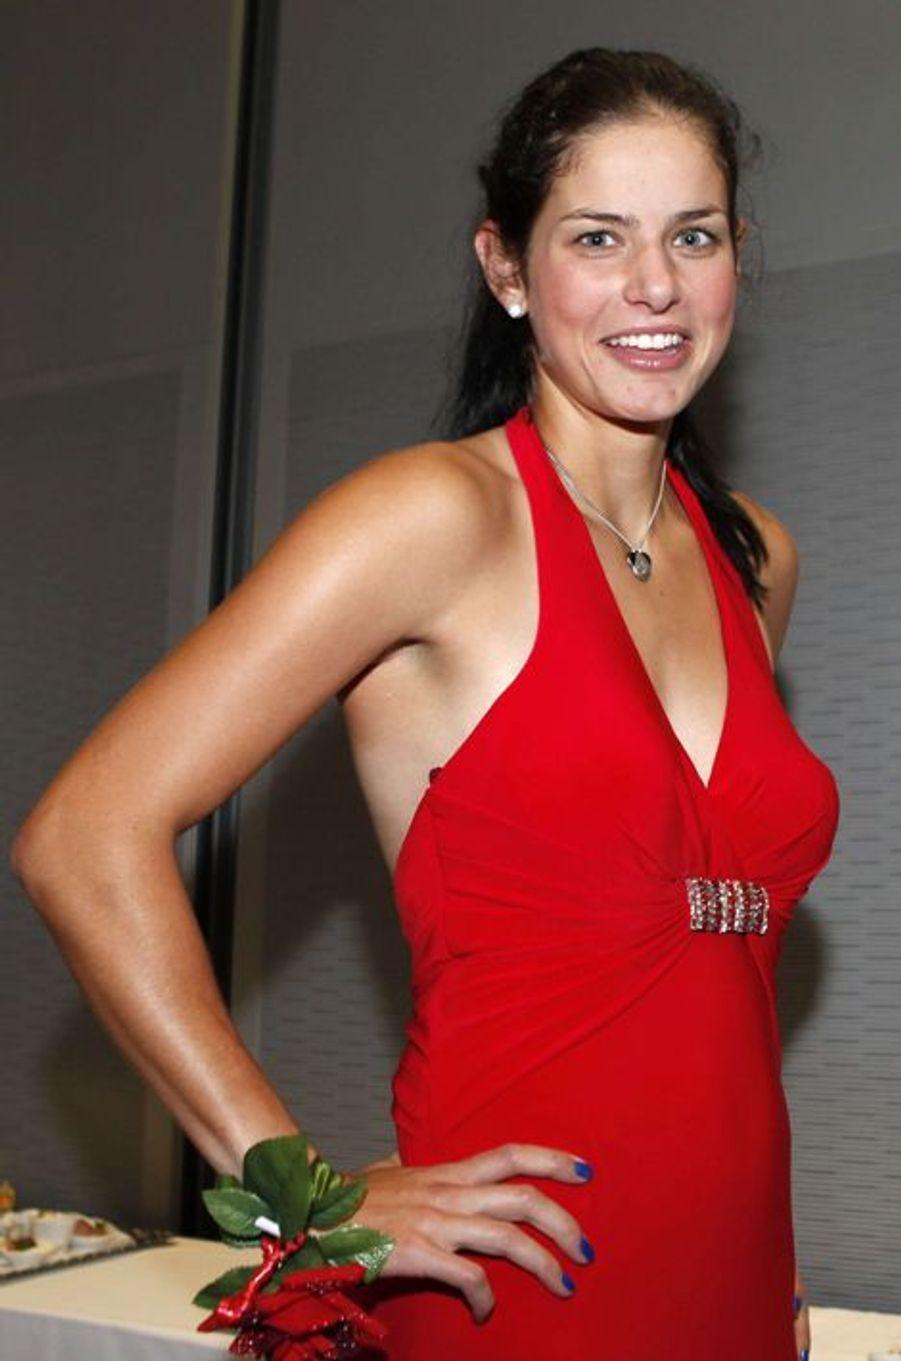 Julia Goerges (Allemagne)